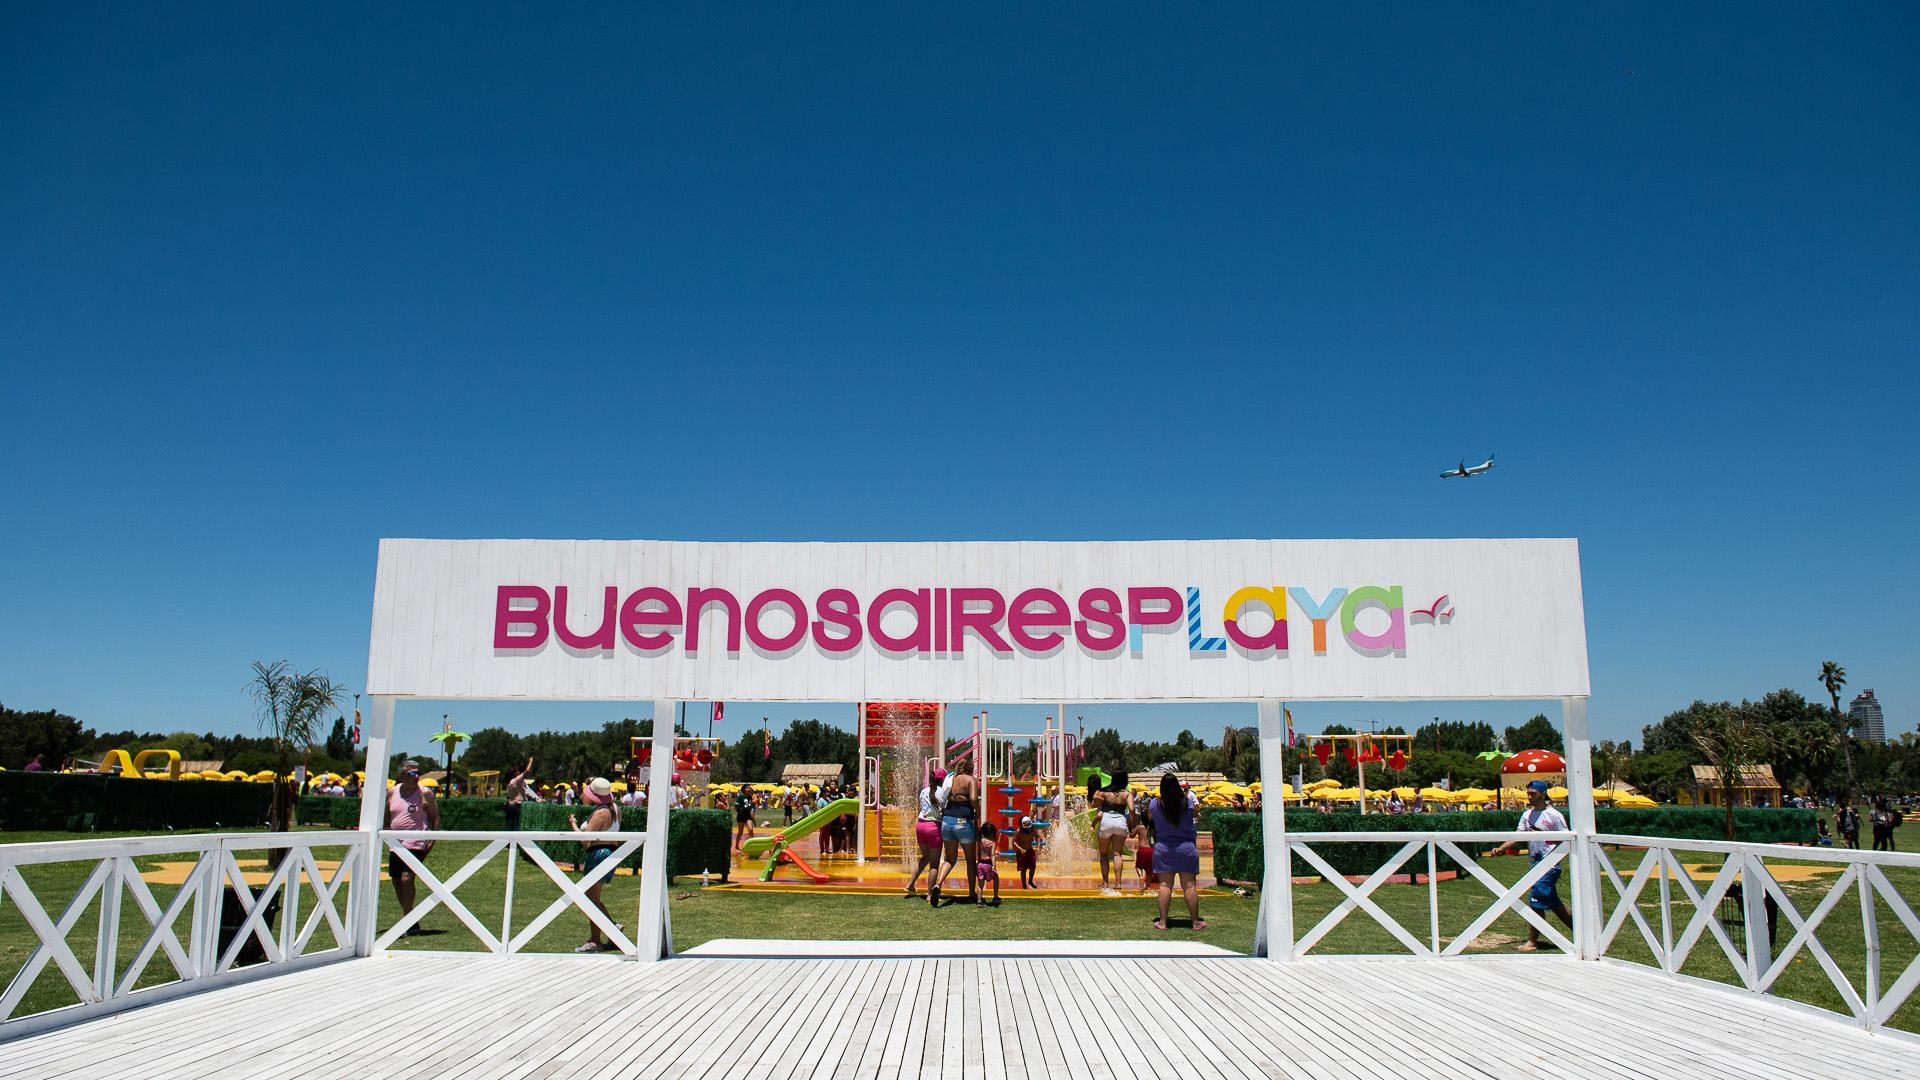 Las playas funcionan de martes a domingos y feriados de 10 a 20 horas (Adrián Escandar)